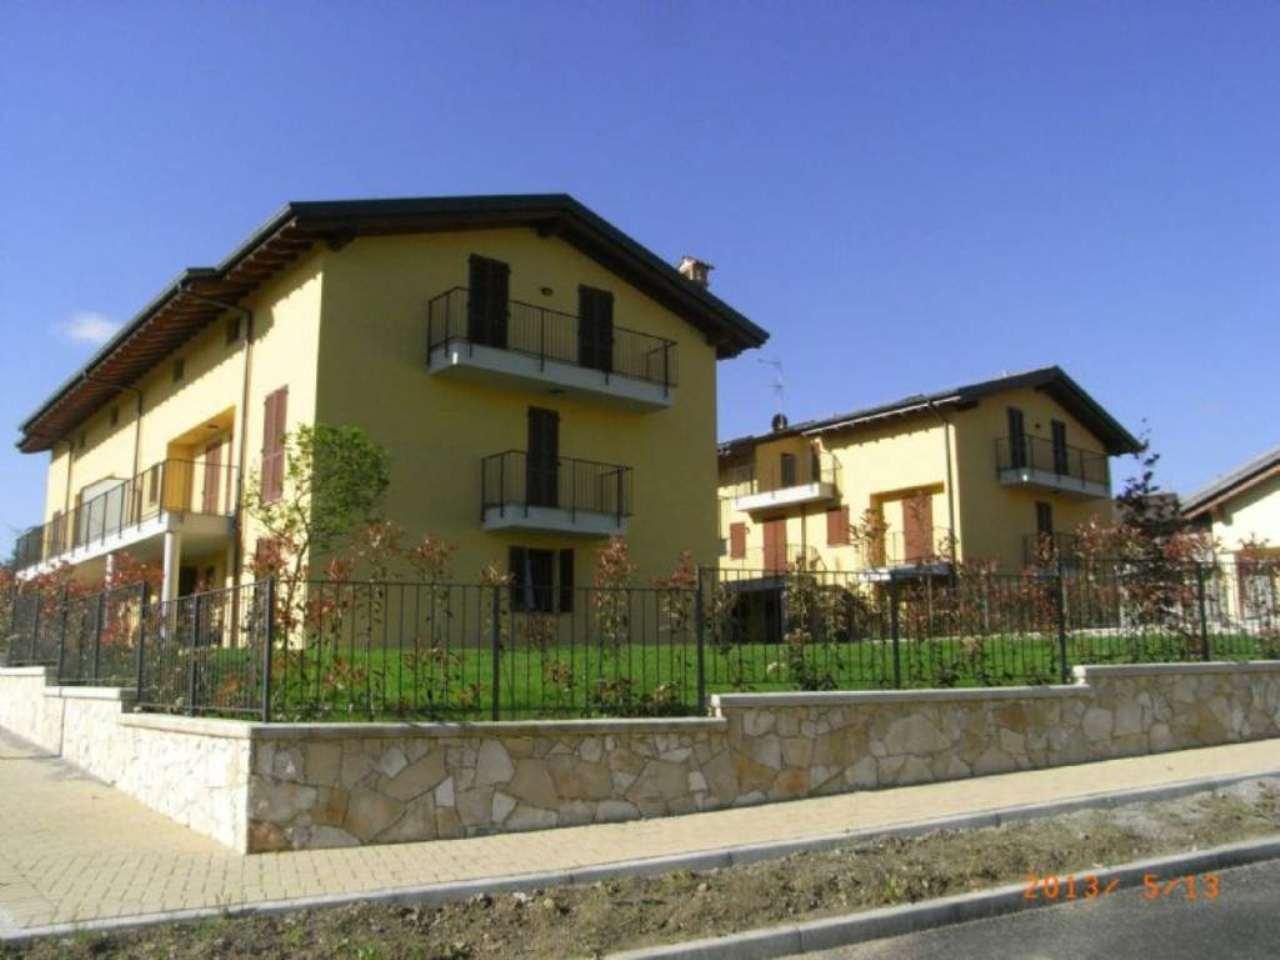 Appartamento in vendita a Lambrugo, 3 locali, Trattative riservate | Cambio Casa.it